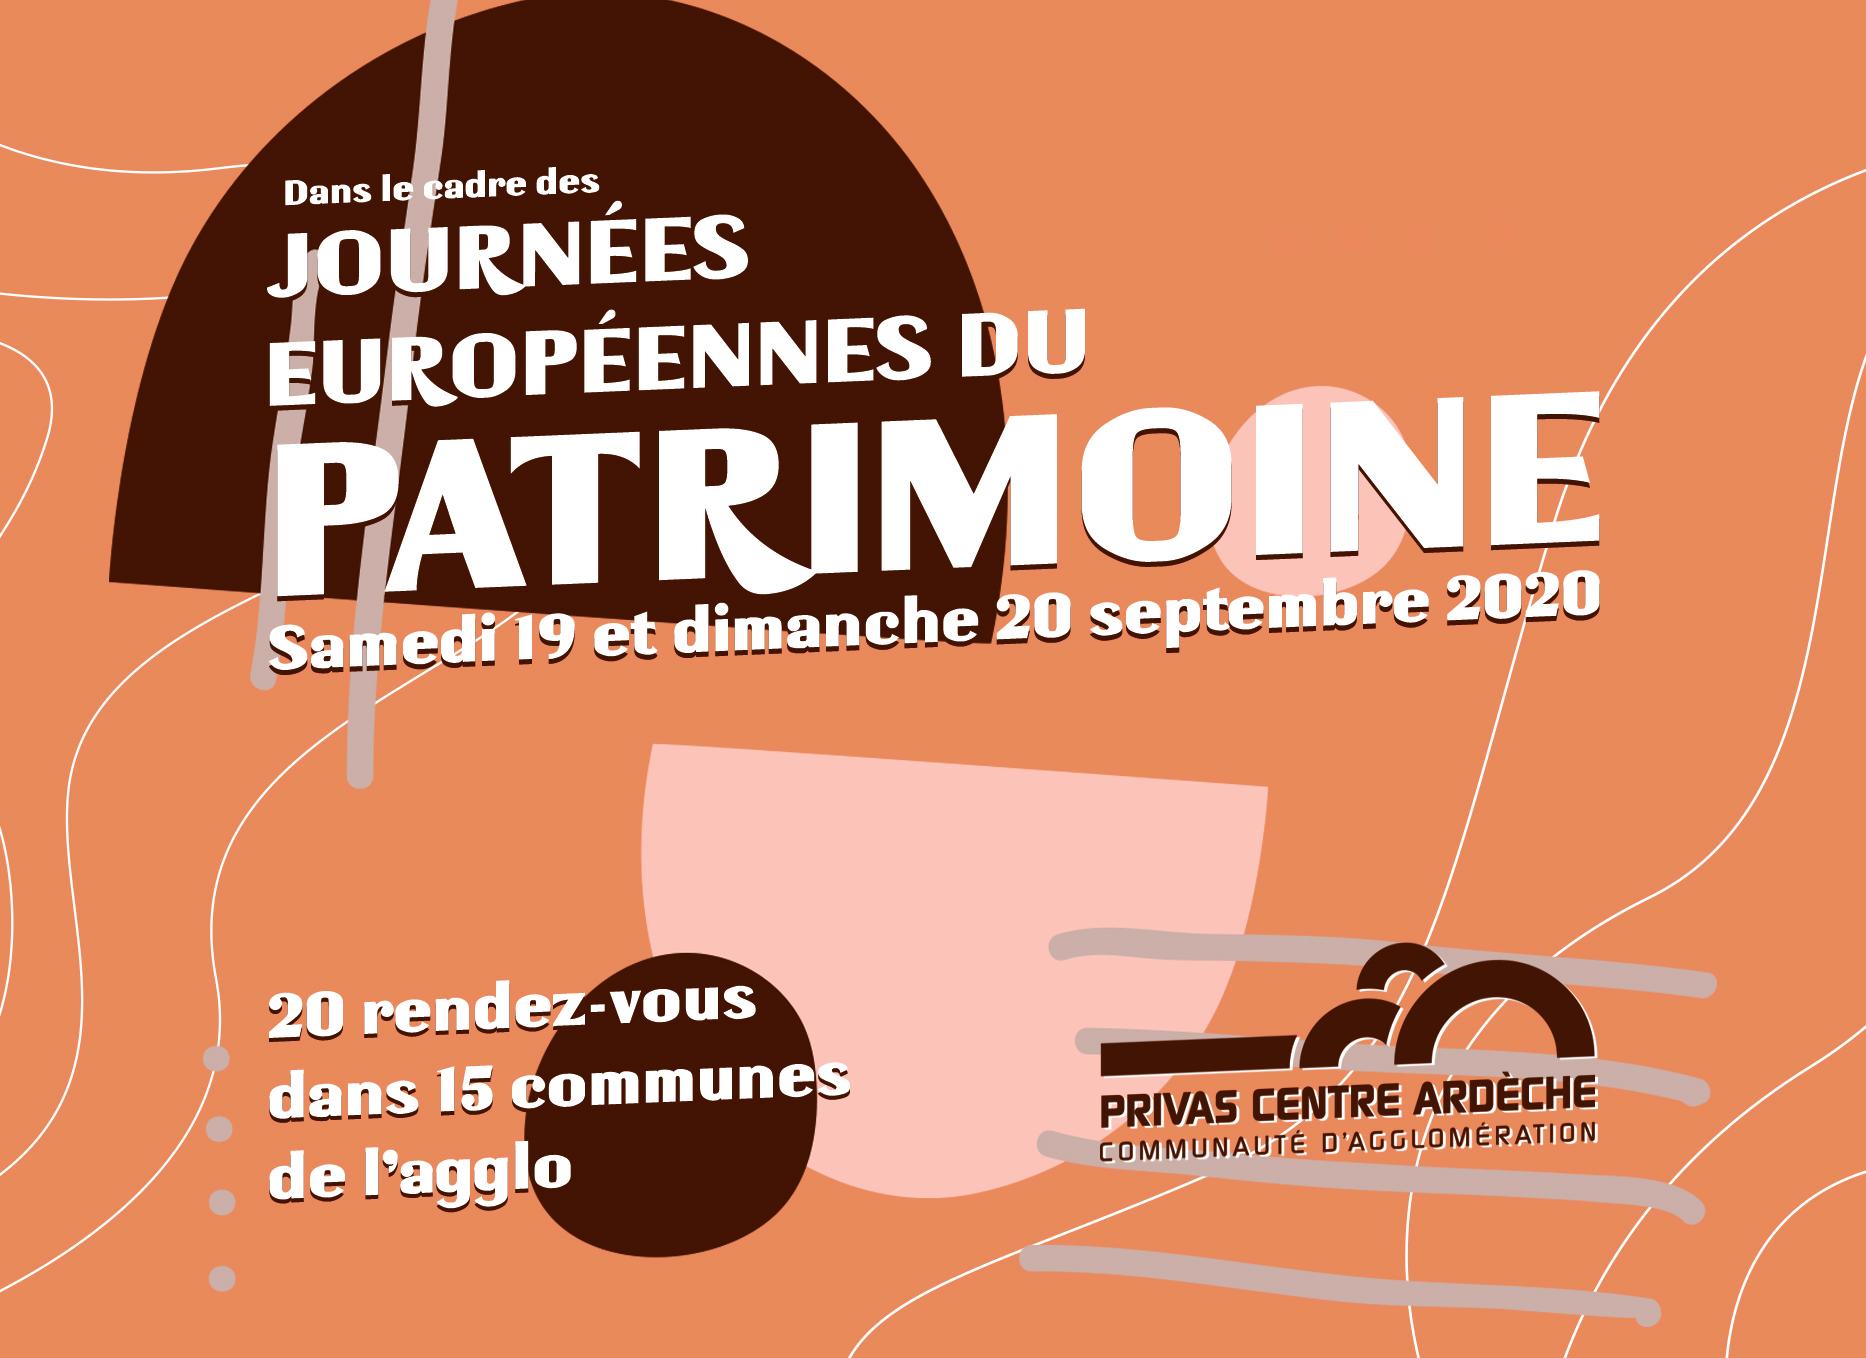 Journées Européennes du Patrimoine en Ardèche Buissonnière